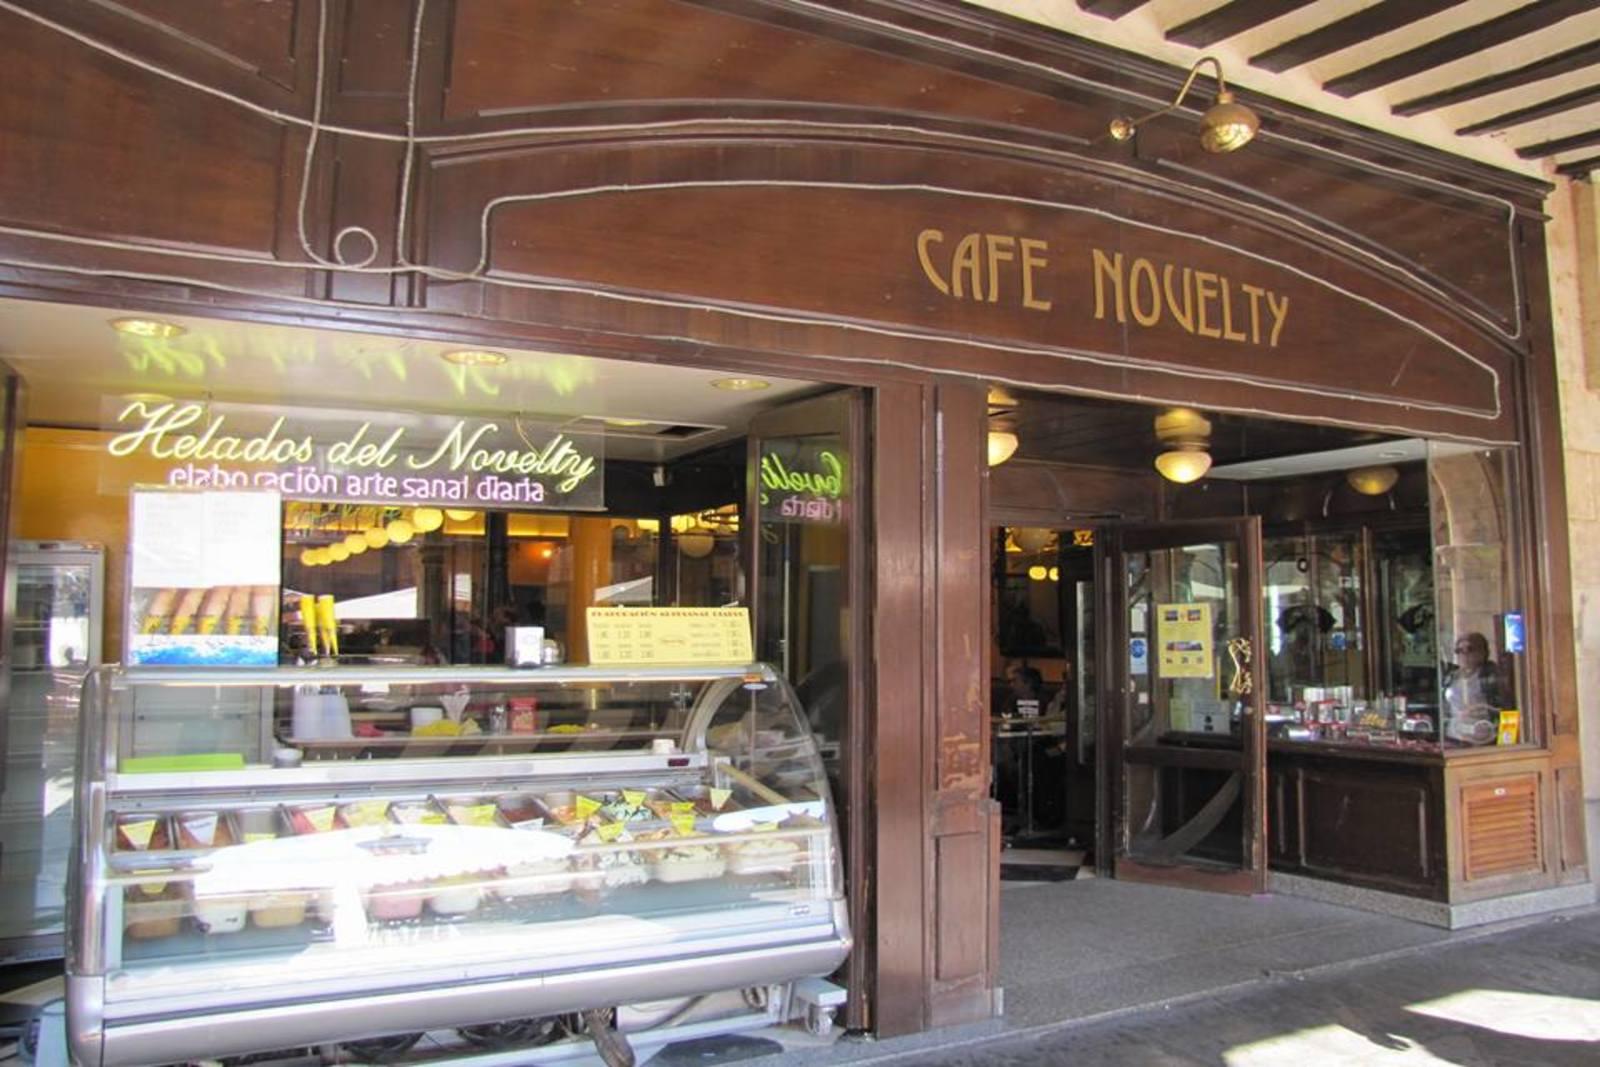 CAFE NOVELTY